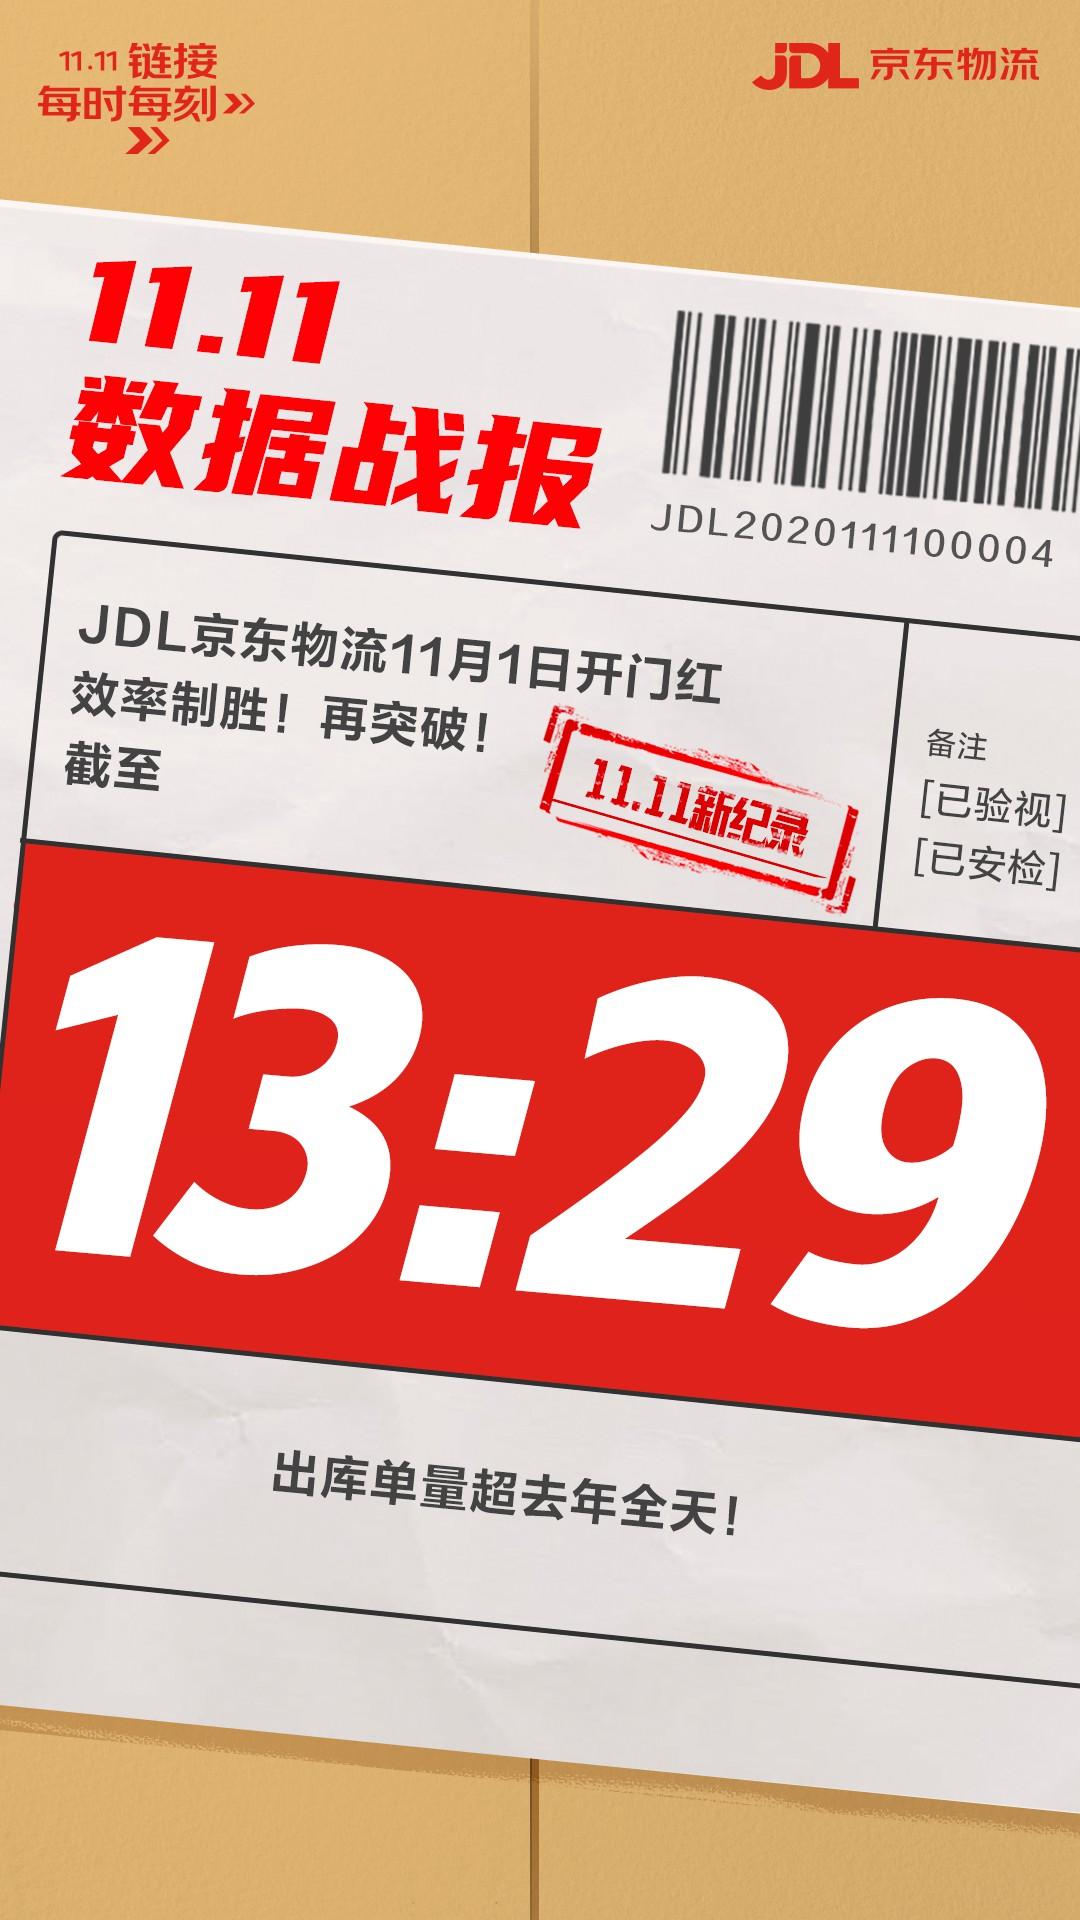 双11售卖启动半日 京东物流出库量超去年全天